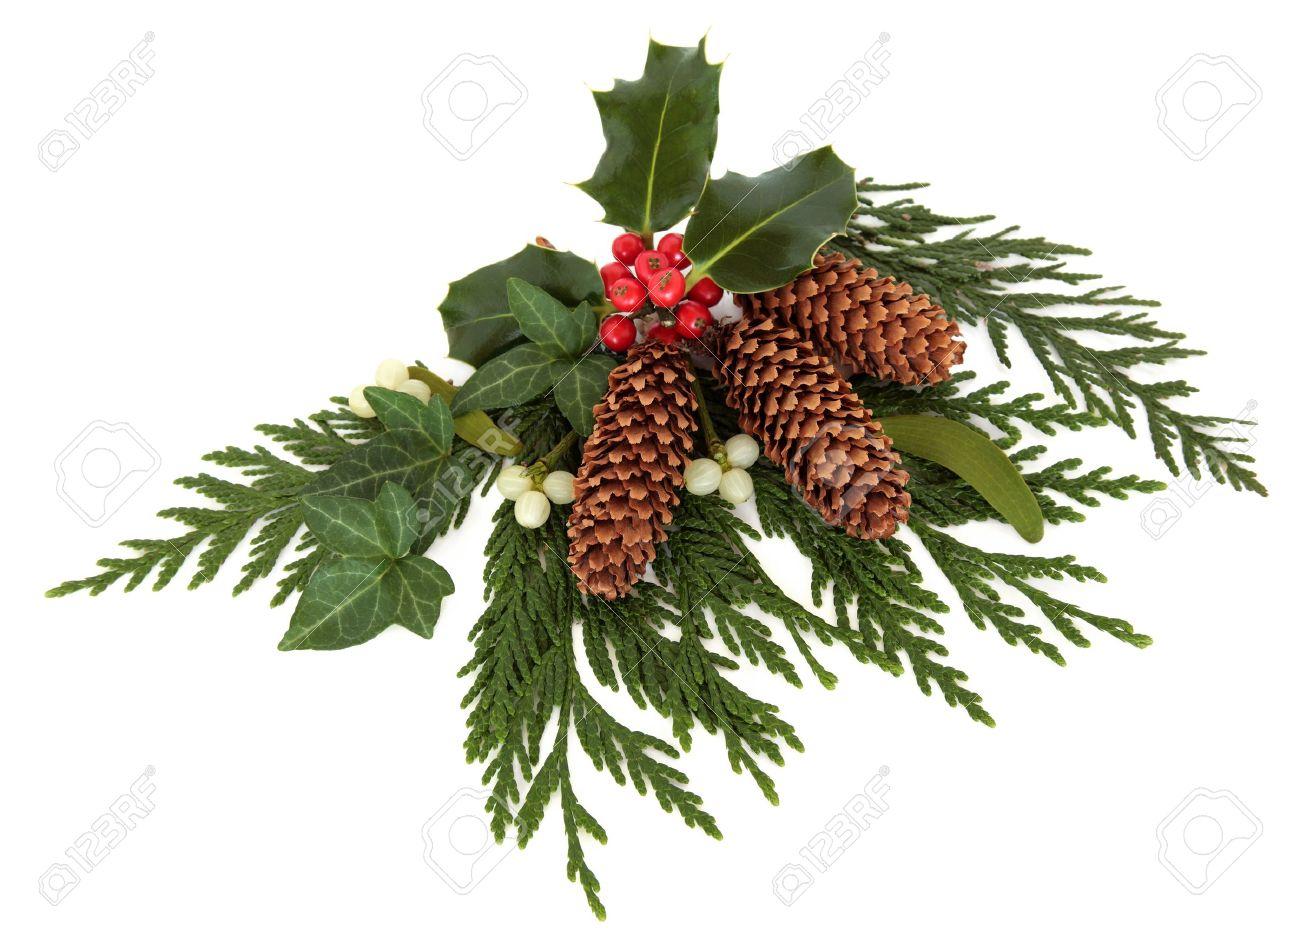 navidad decorativos disposicin de acebo el murdago la hiedra el cedro ciprs